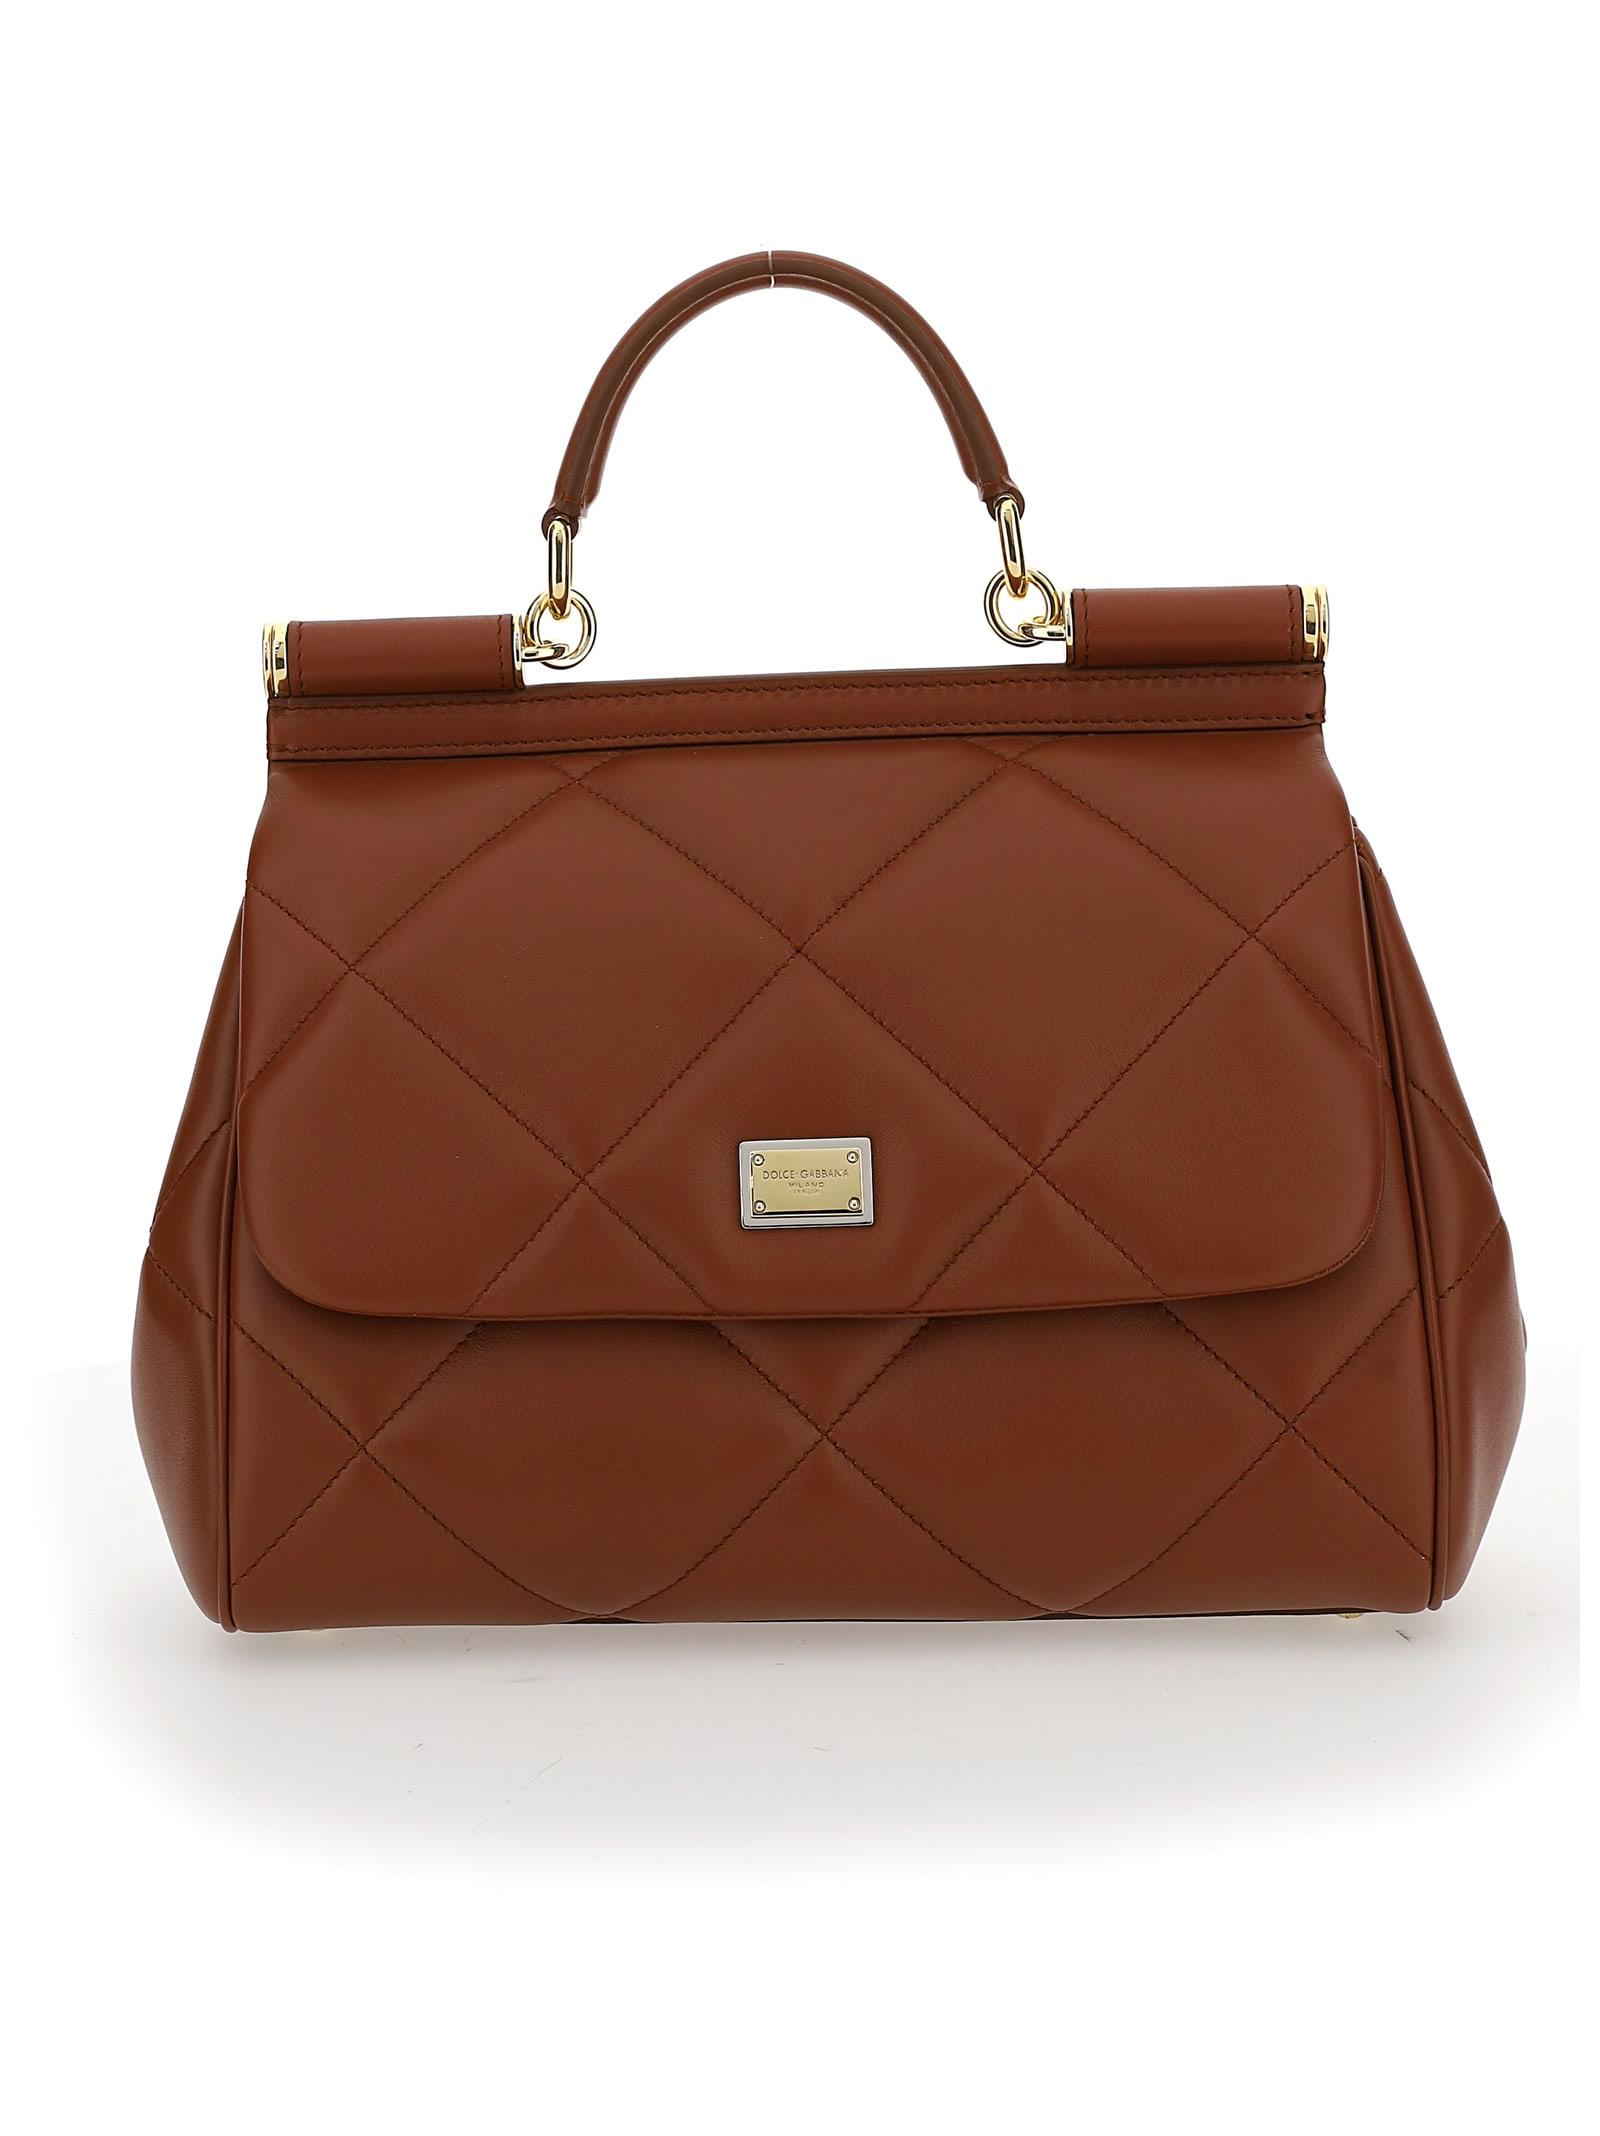 Dolce & Gabbana Dolce&gabbana Handbag In Cognac